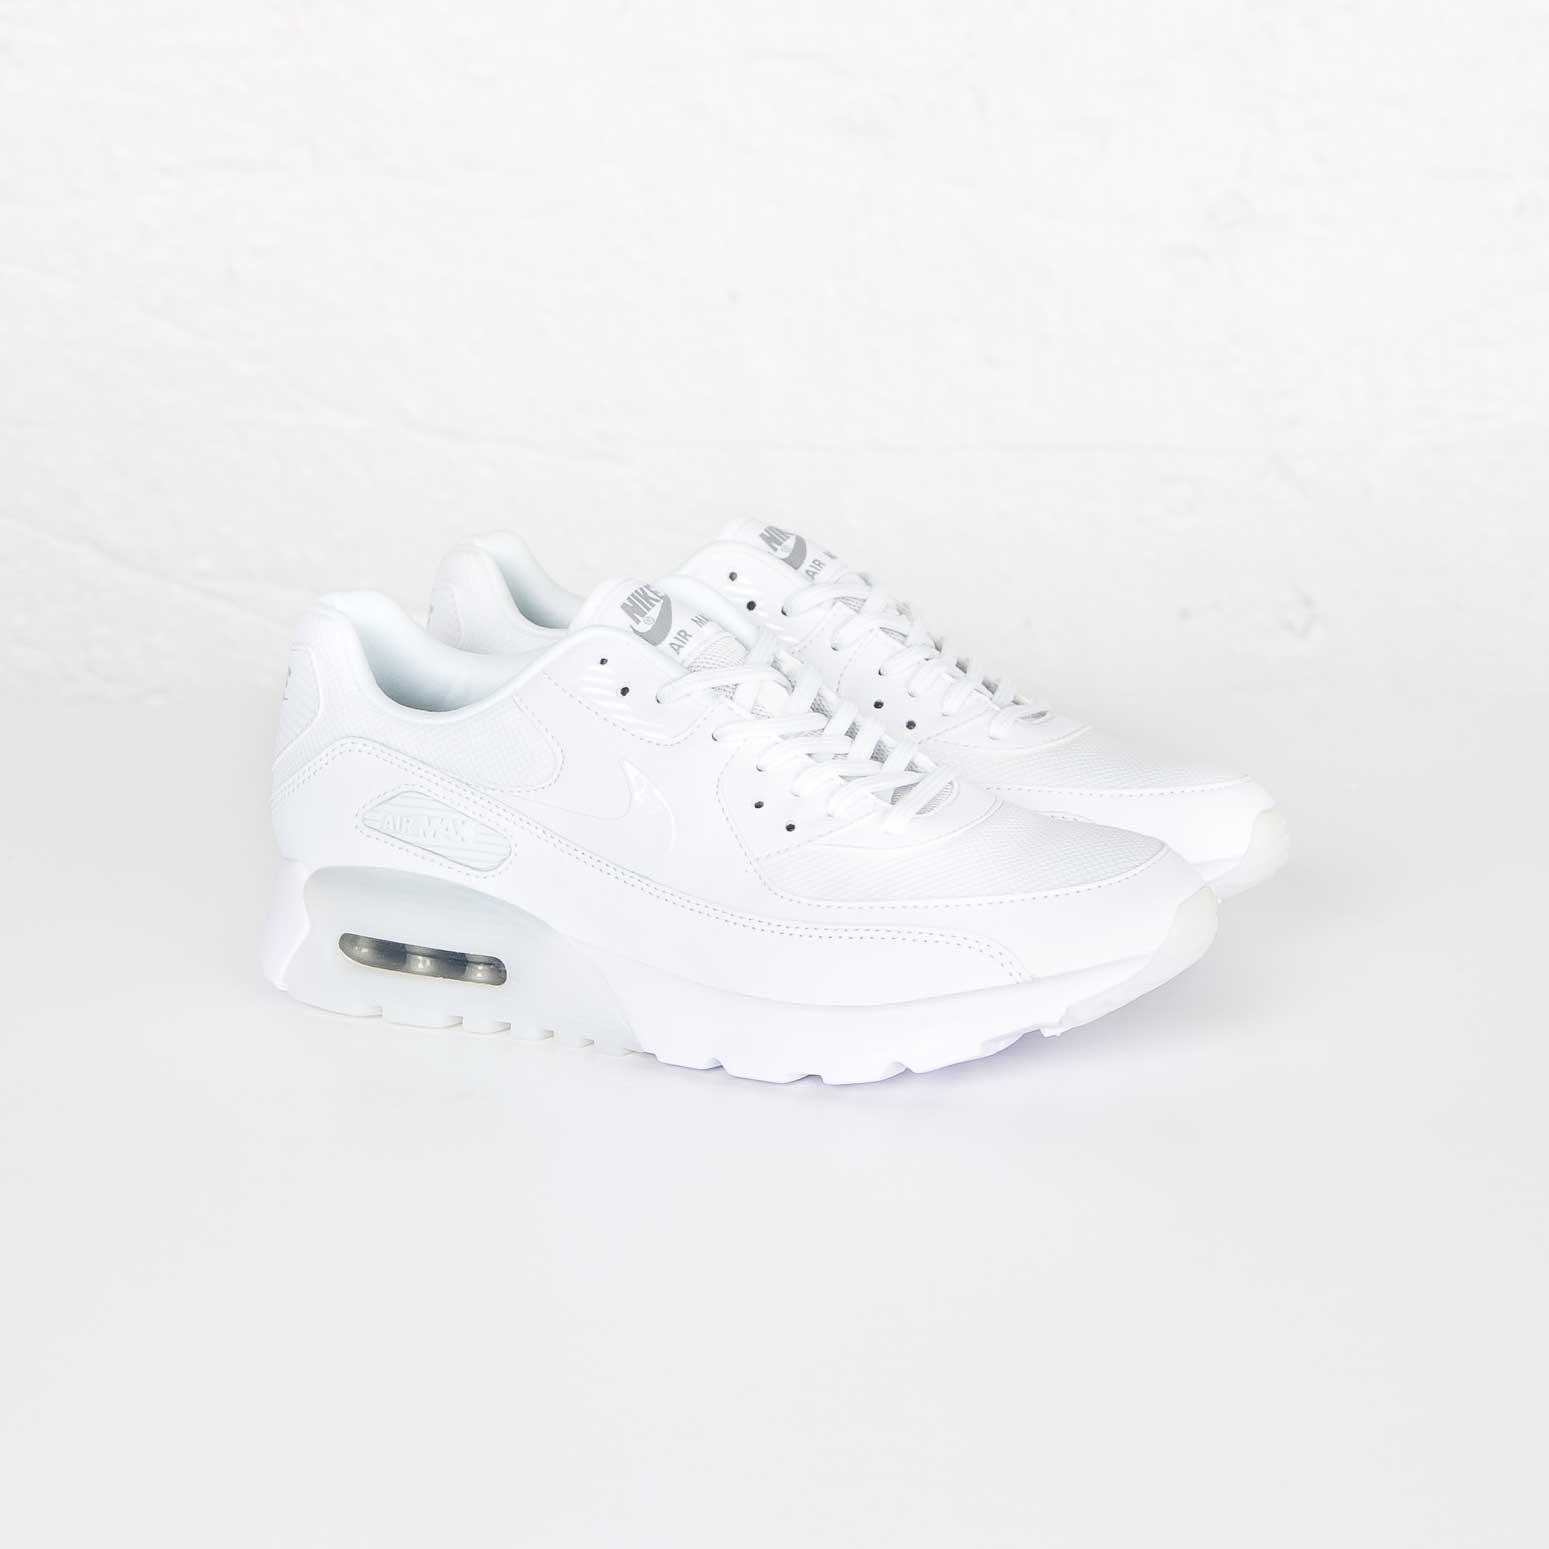 Nike Air Max 90 Ultra Essential 724981 101